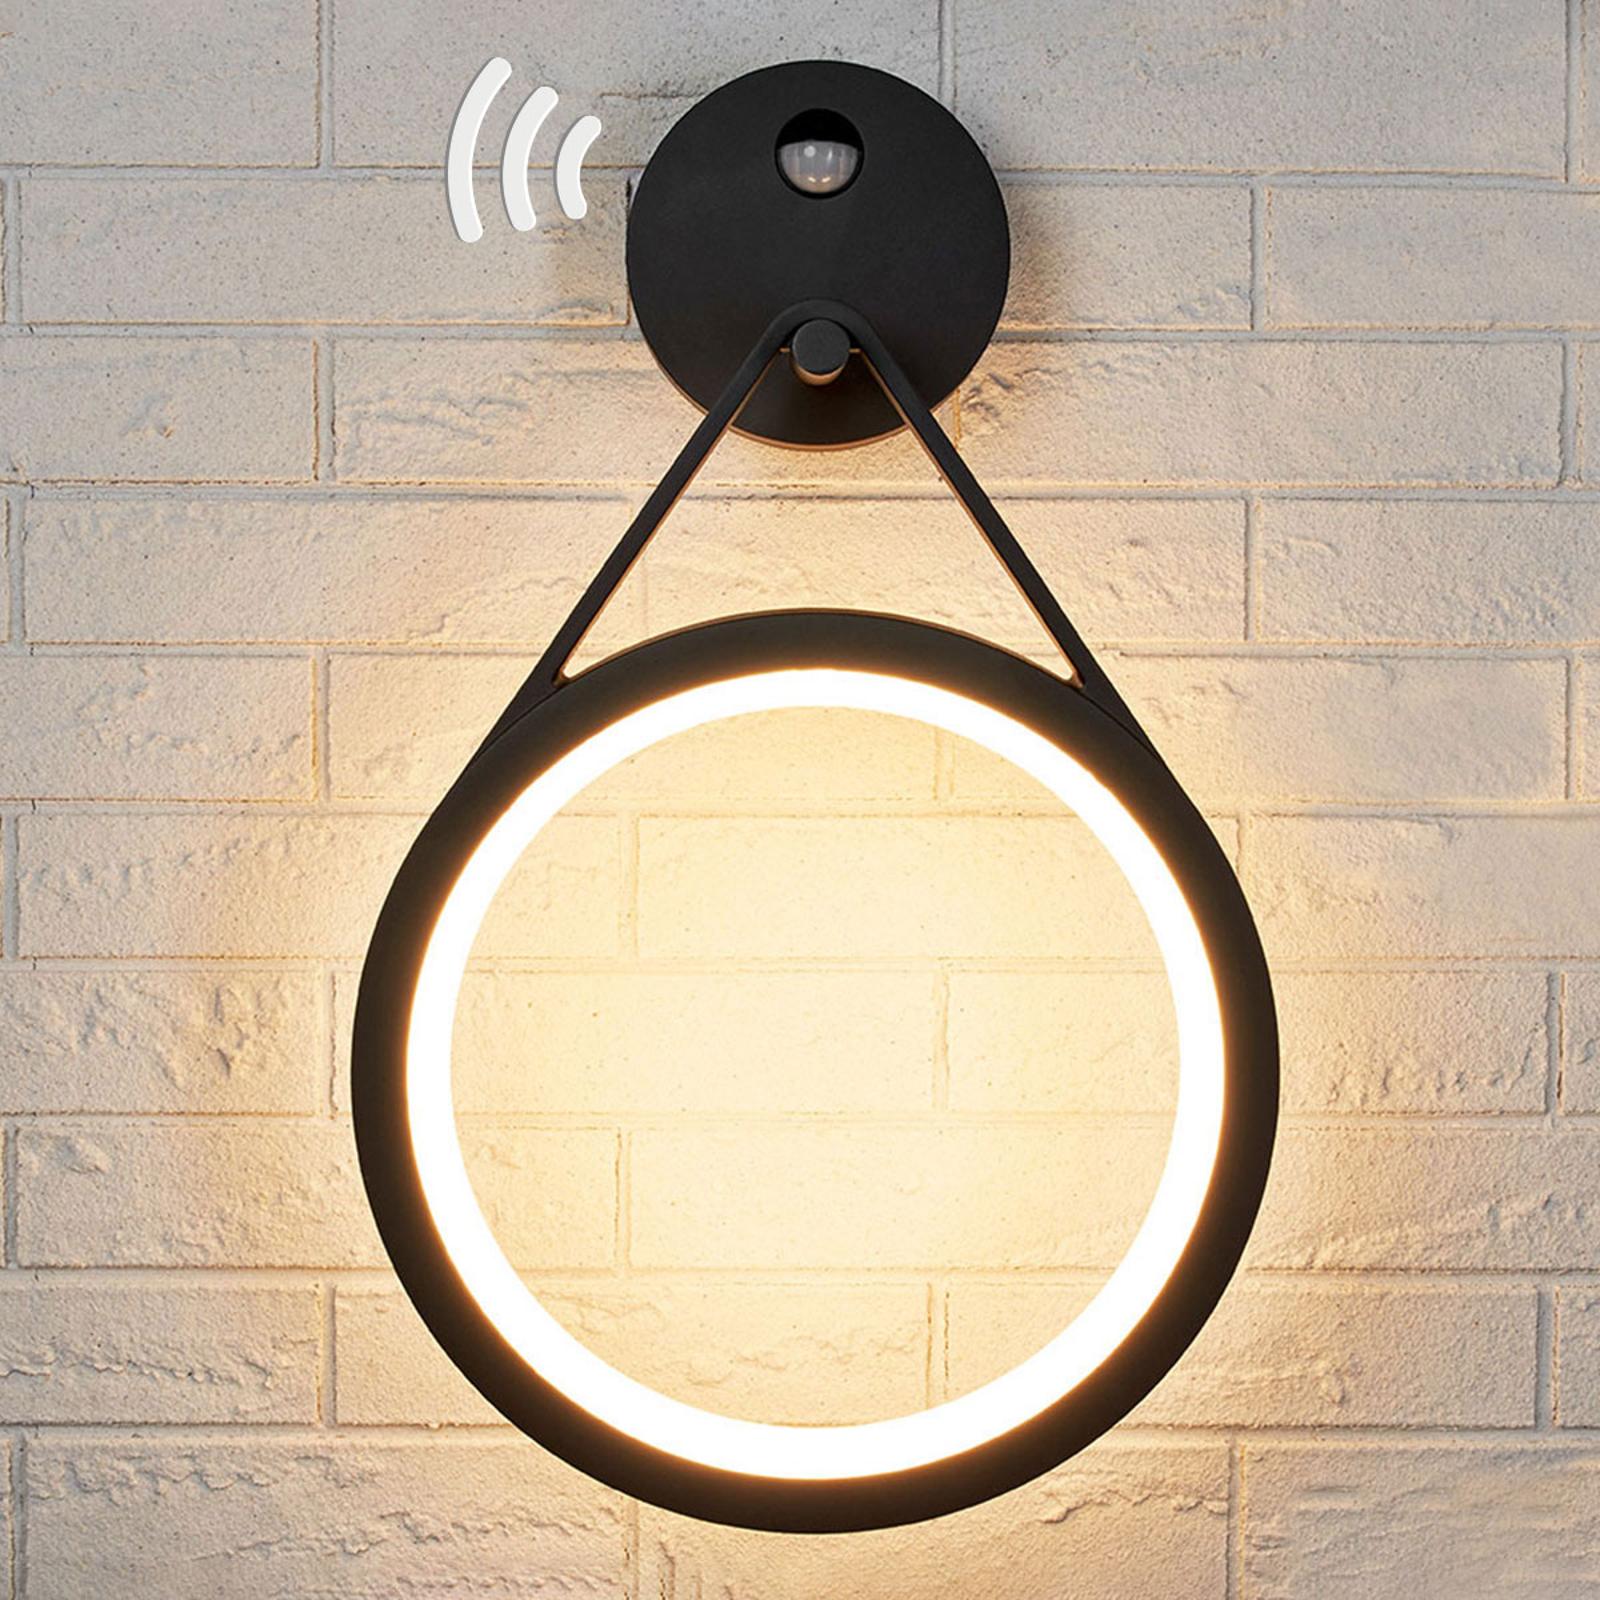 Venkovní LED světlo Mirco s čidlem, kruhové